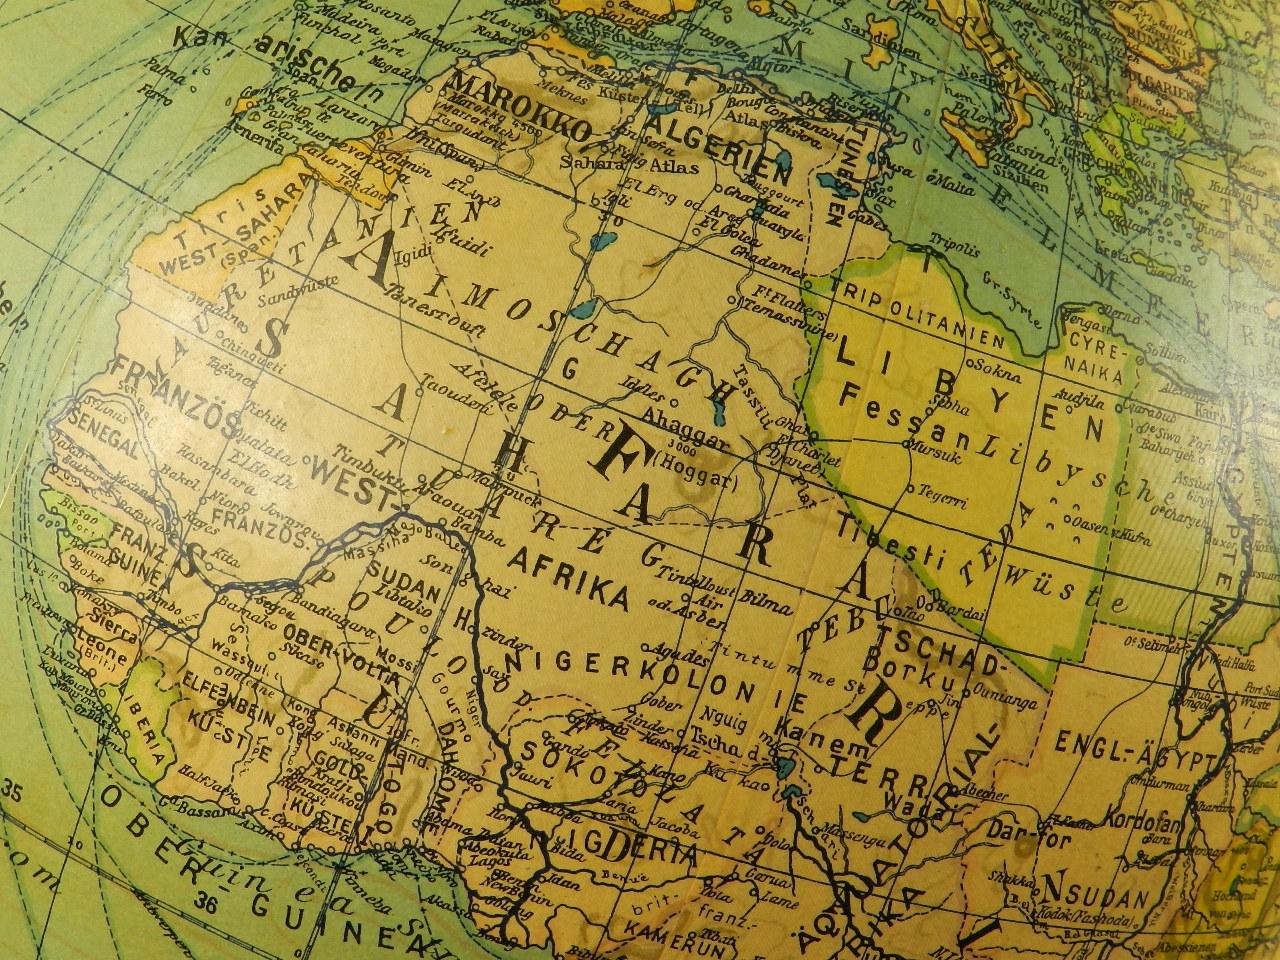 Imagen GLOBO TERRÁQUEO COLUMBUS AÑO 1940 27000